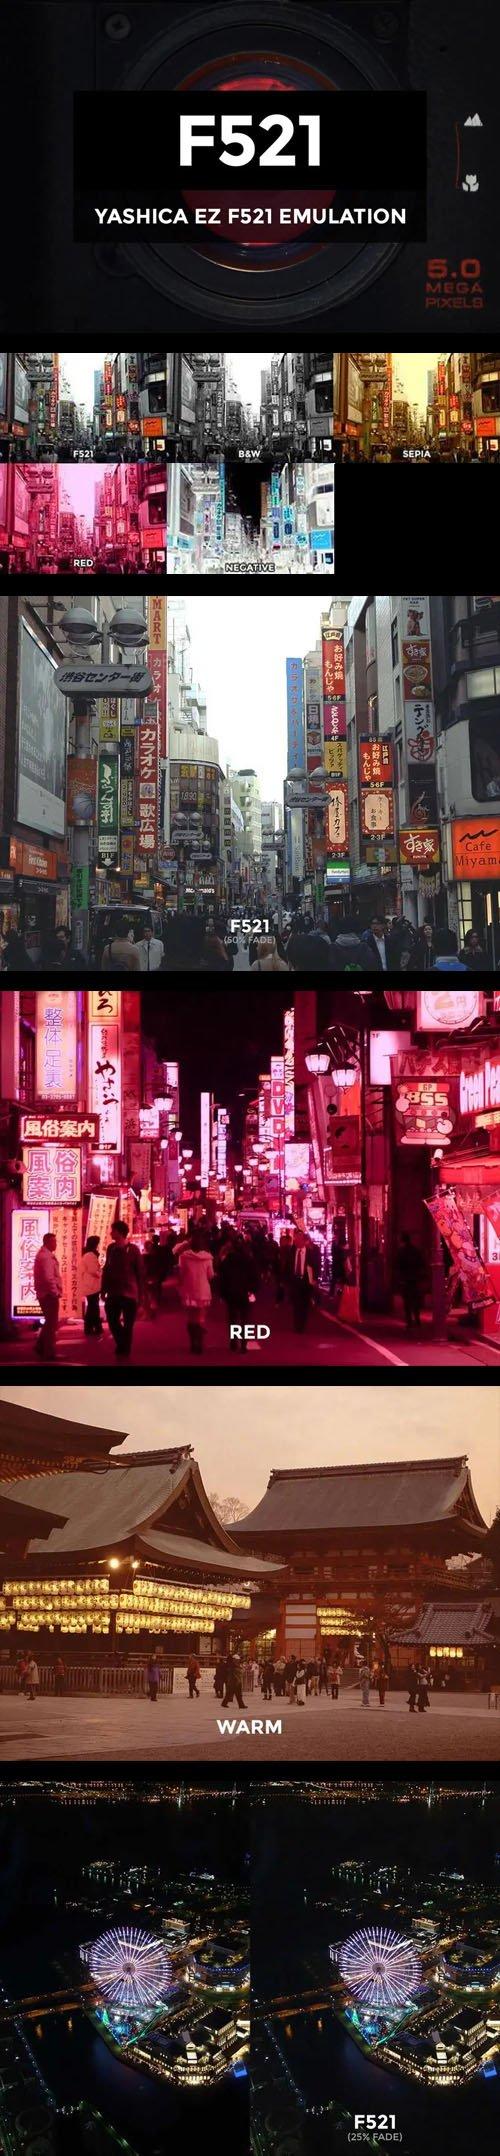 Yashica EZ F521 Camera Emulation - Photoshop Actions